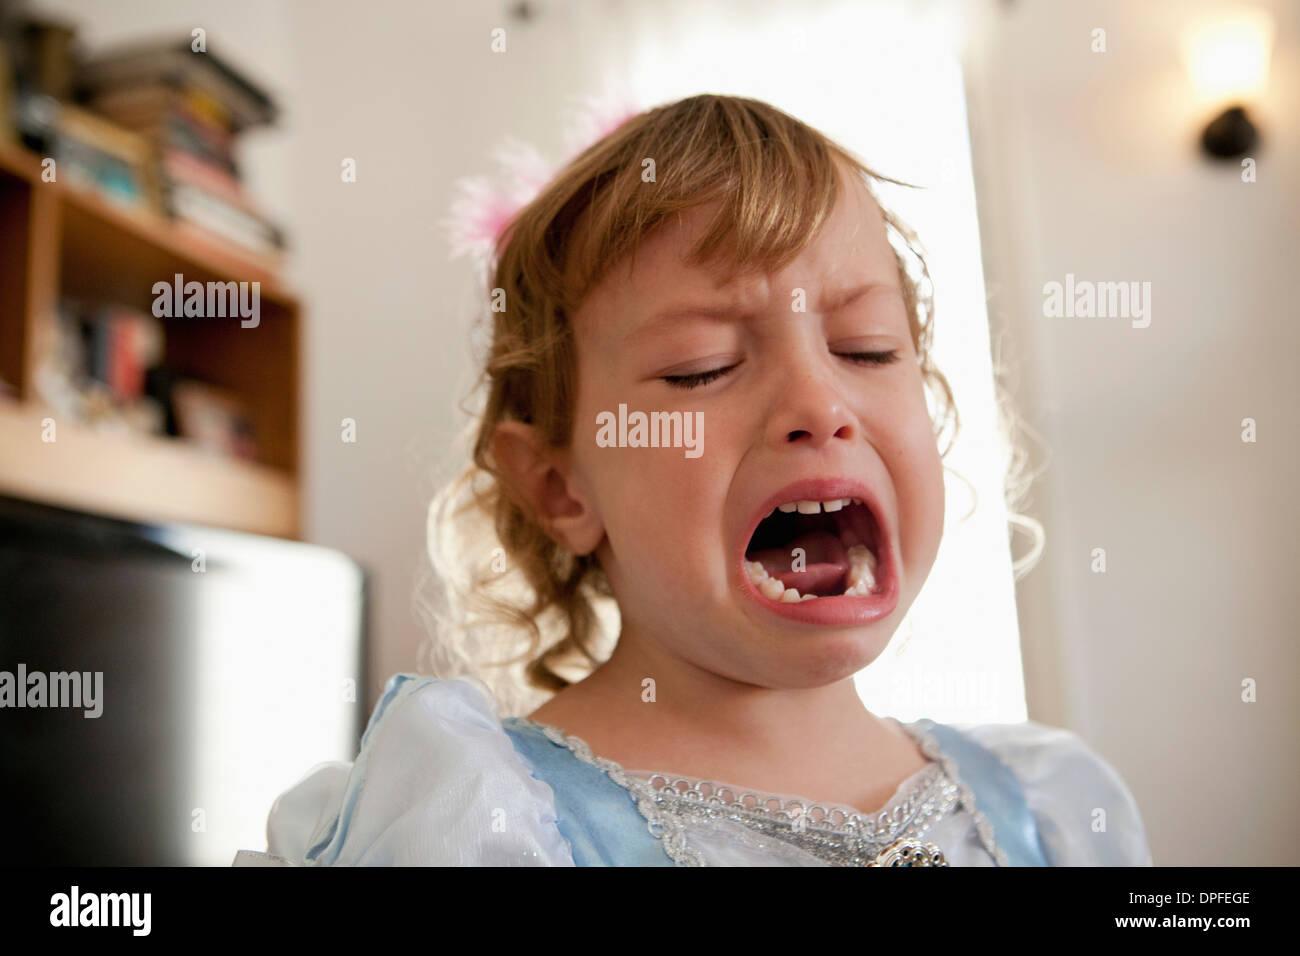 Cerca de mujeres niño llorando Imagen De Stock